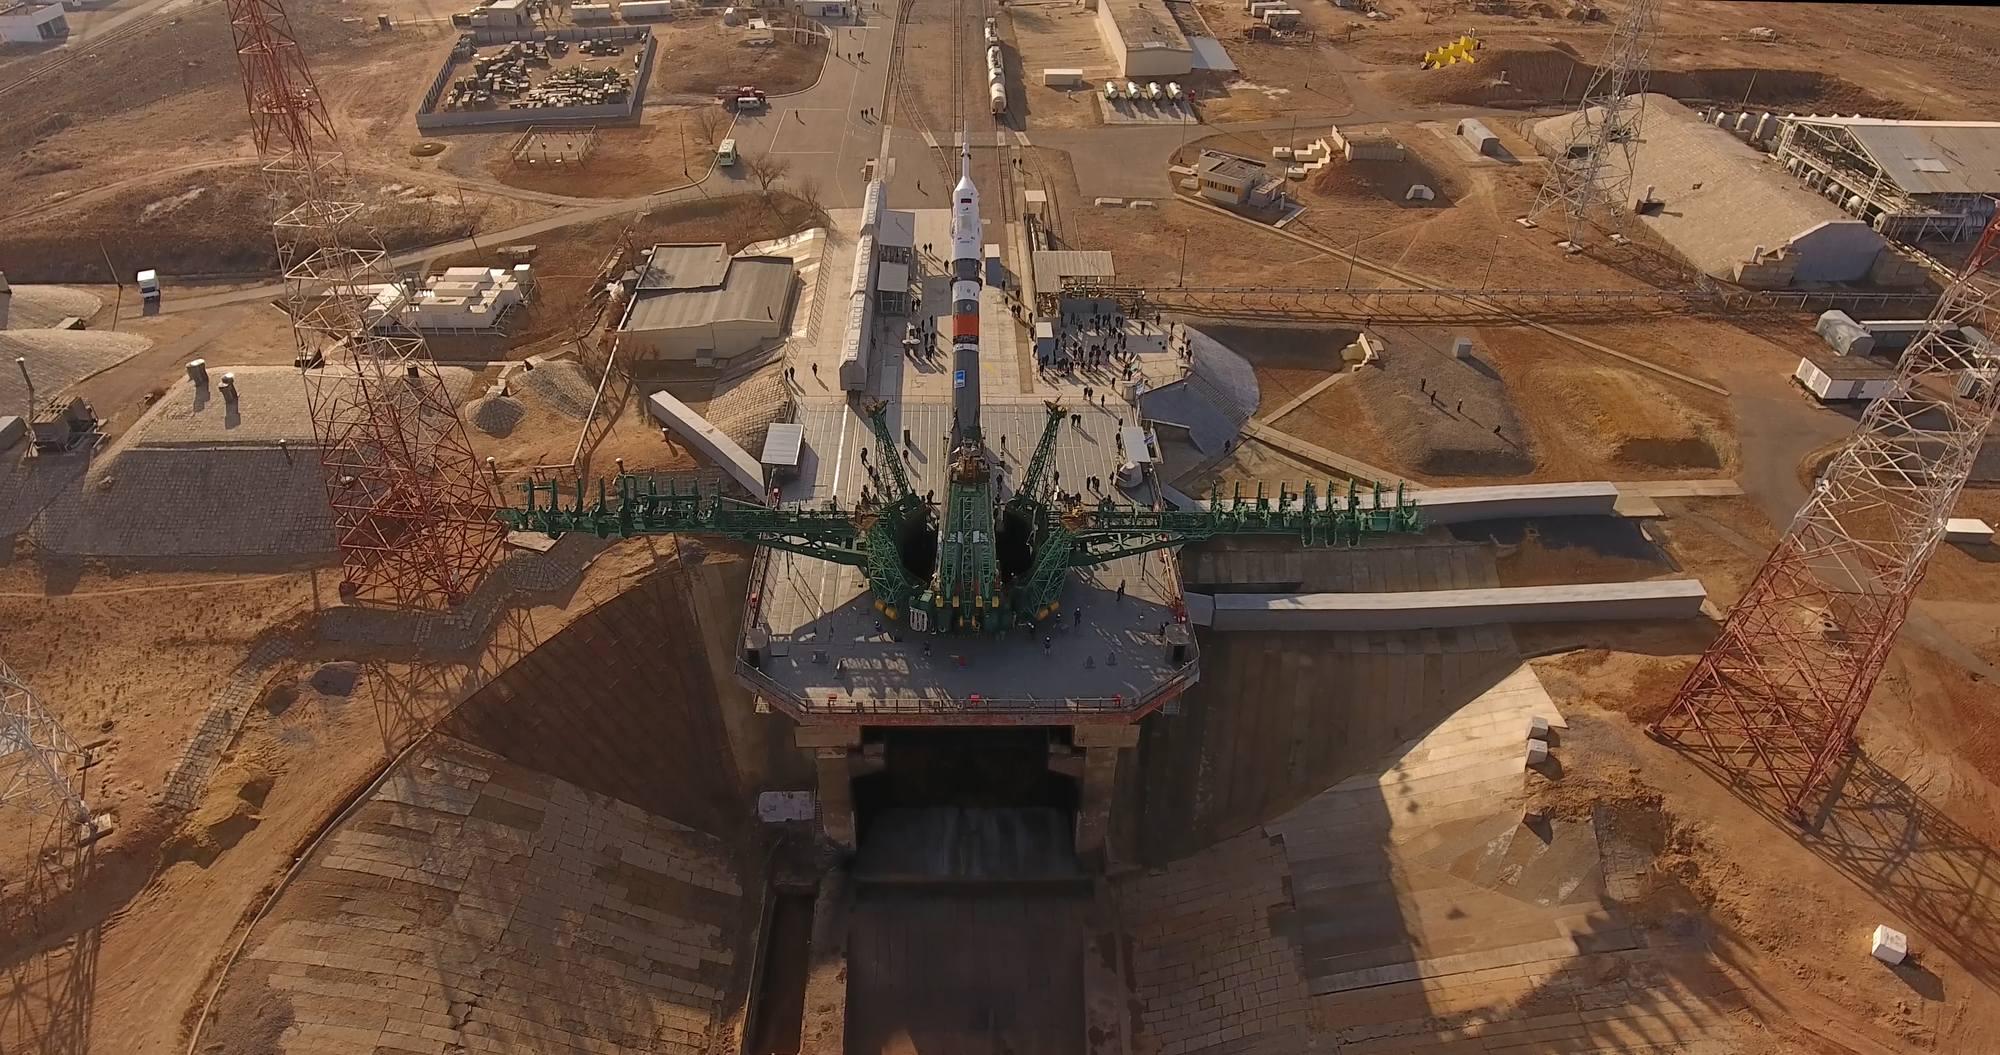 Le pas de lancement 31 avec le lanceur en cours de verticalisation.